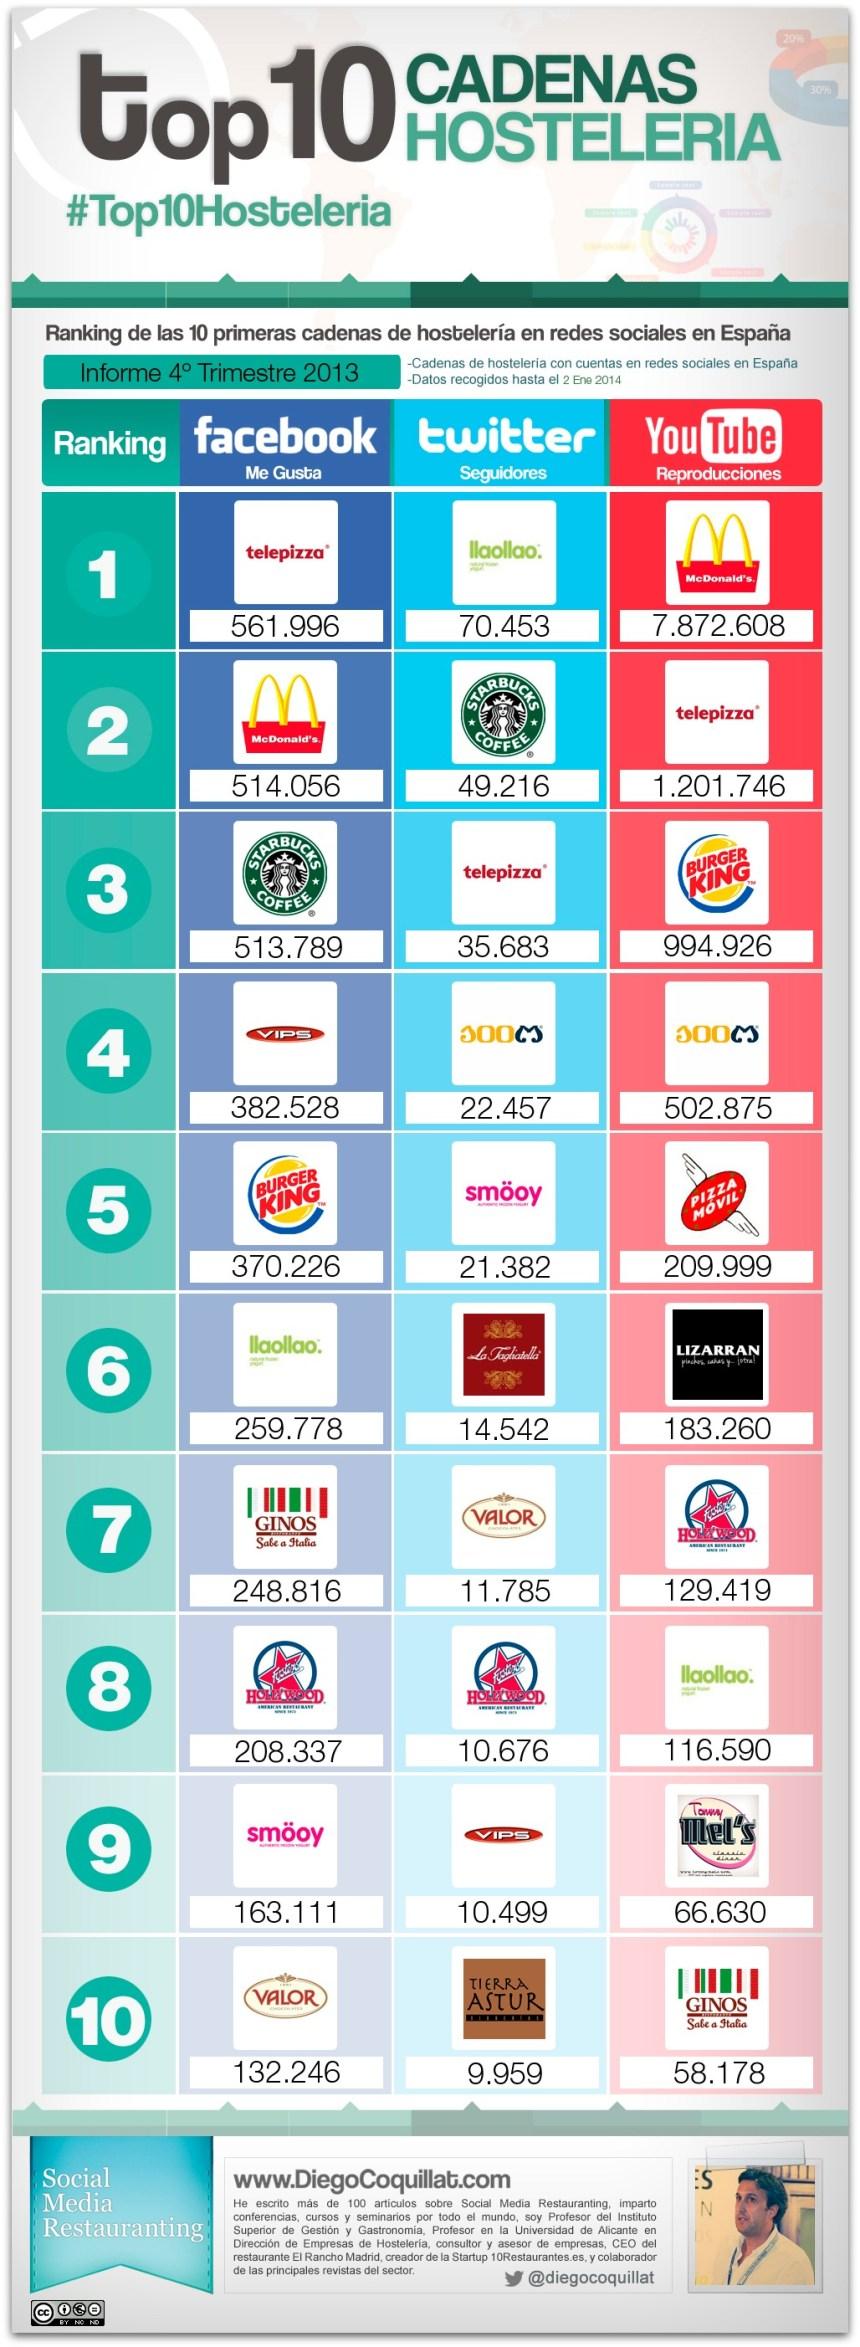 Top 10 cadenas hostelería en Redes Sociales (España 4T/2013)